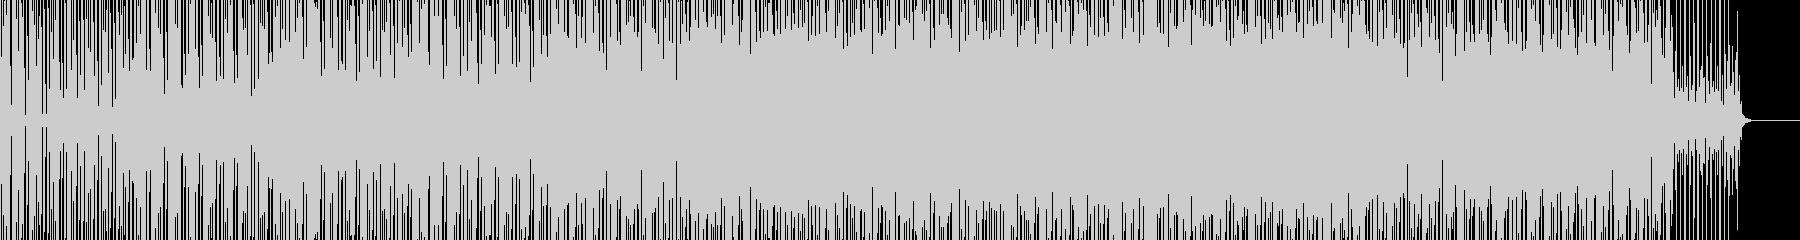 少し悲し雰囲気のエレクトロニカBGMの未再生の波形